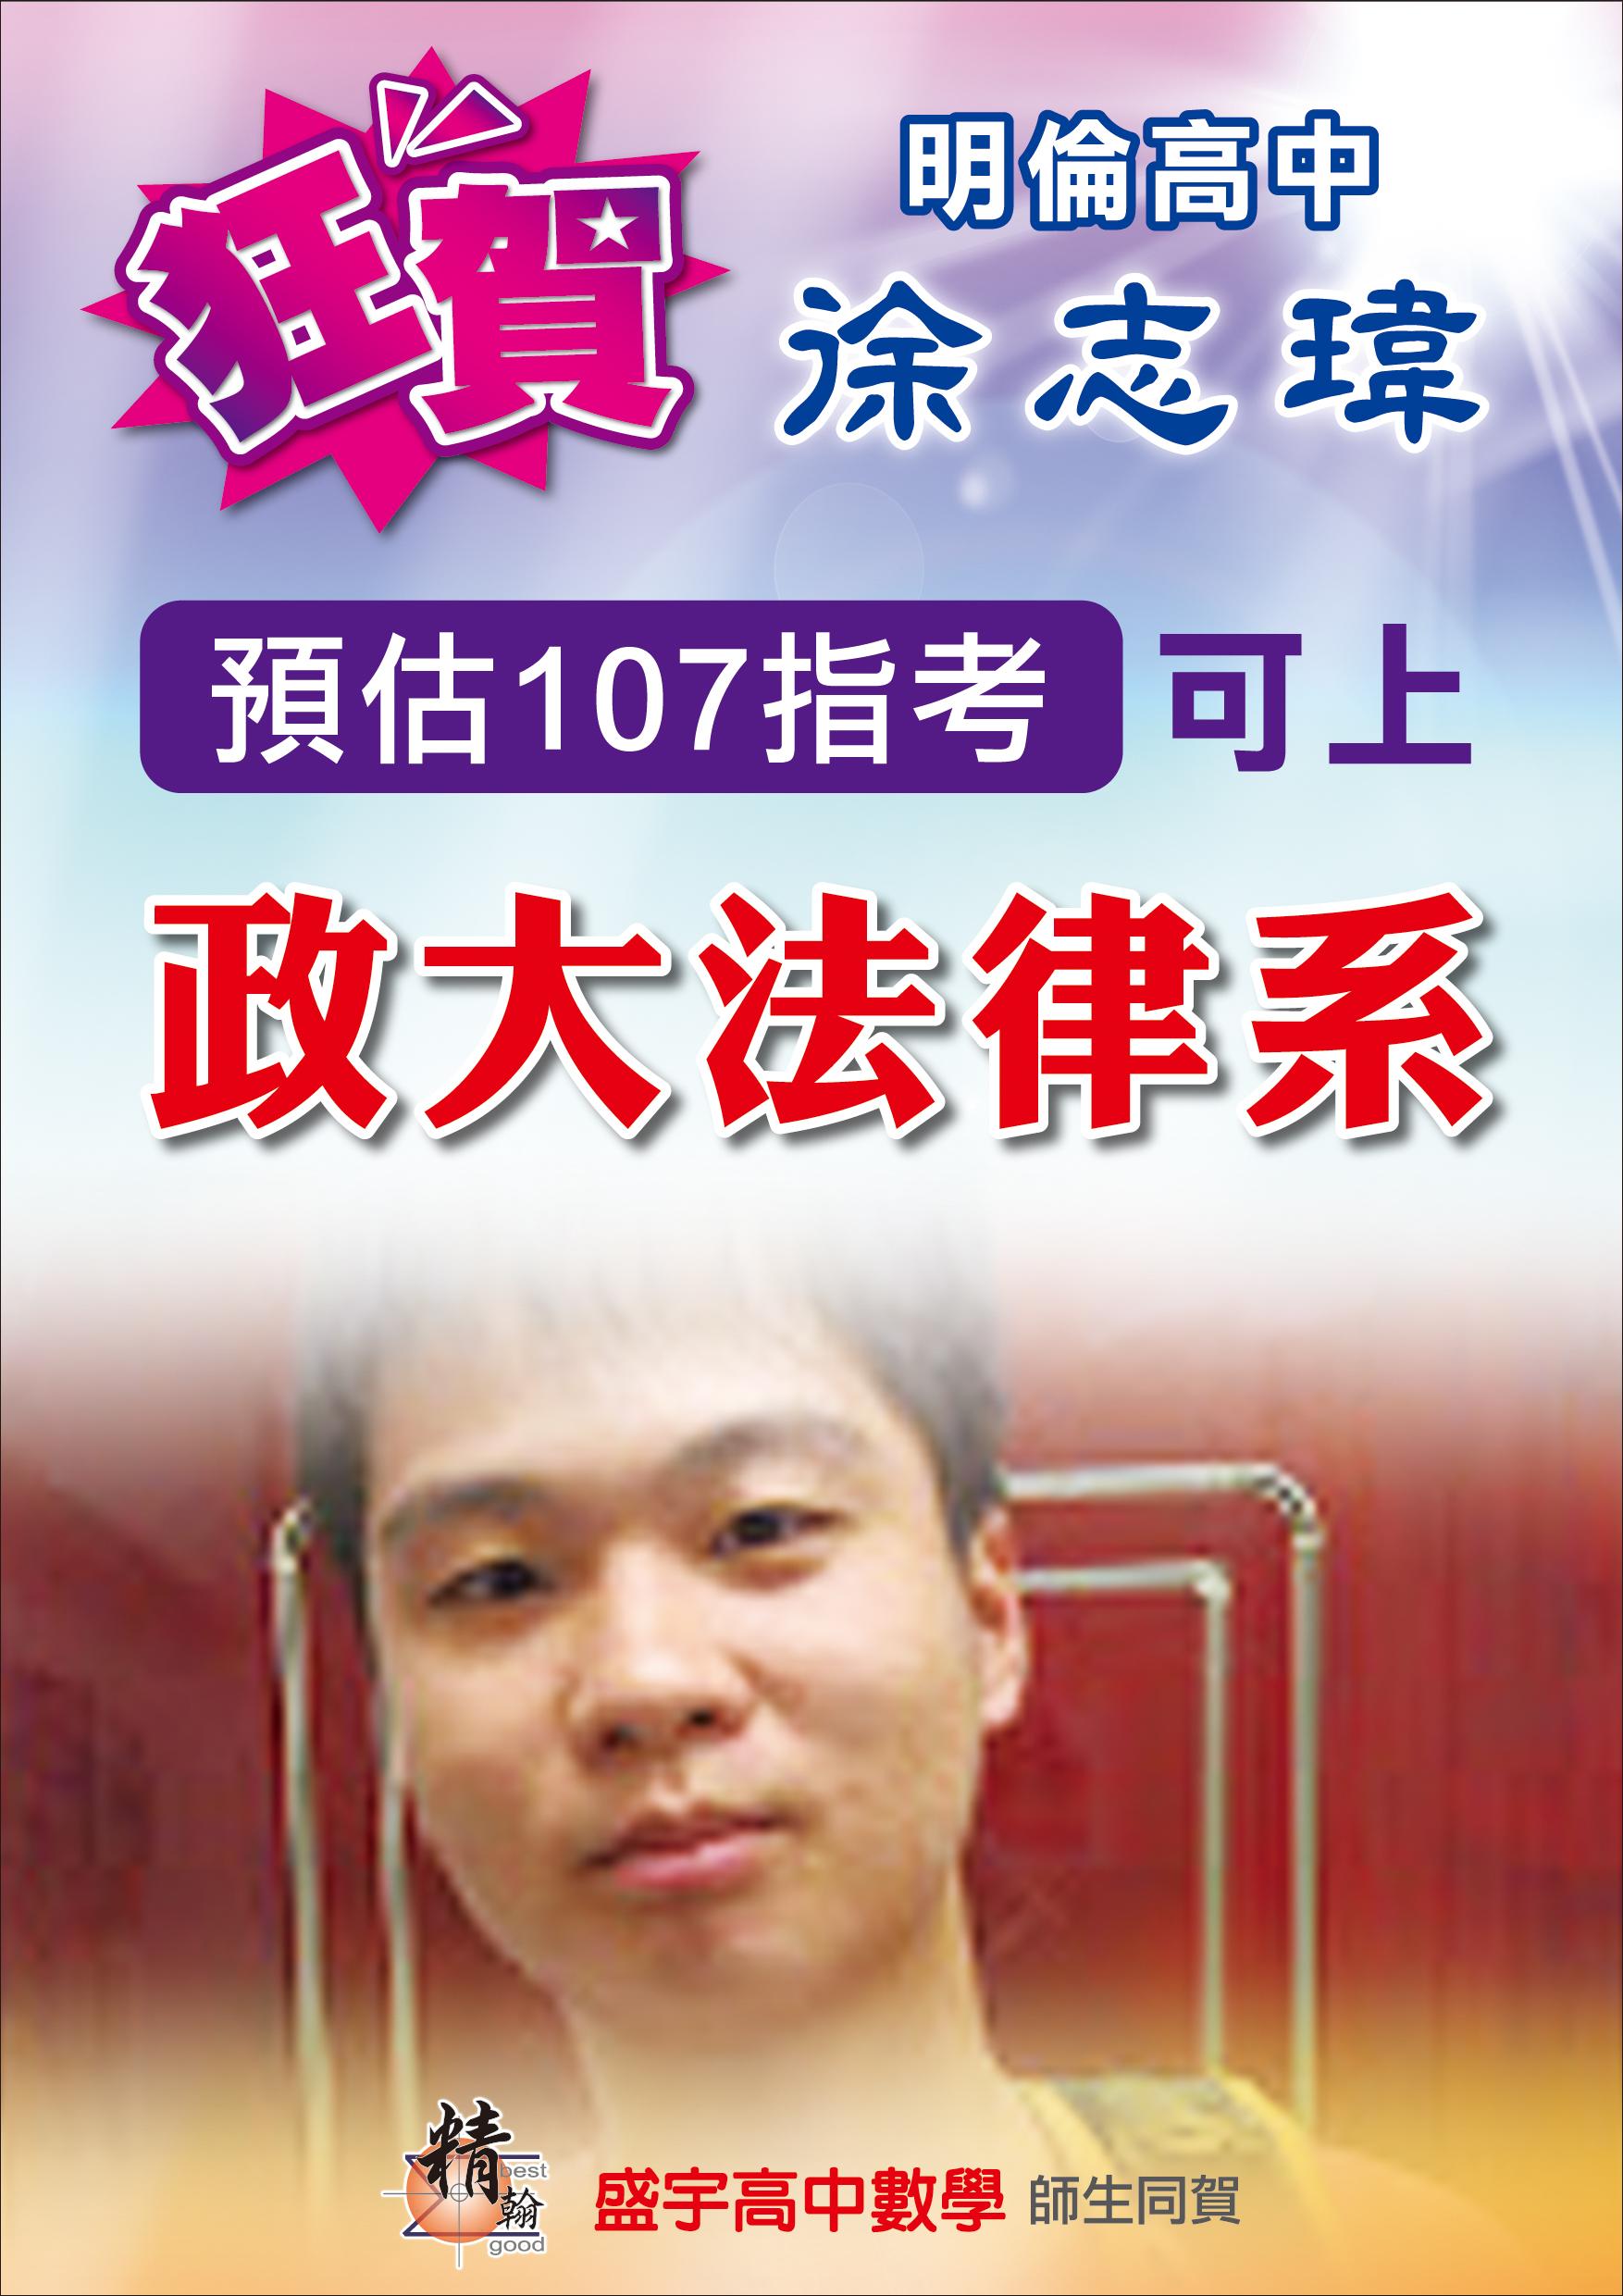 台北補習班 (5).jpg